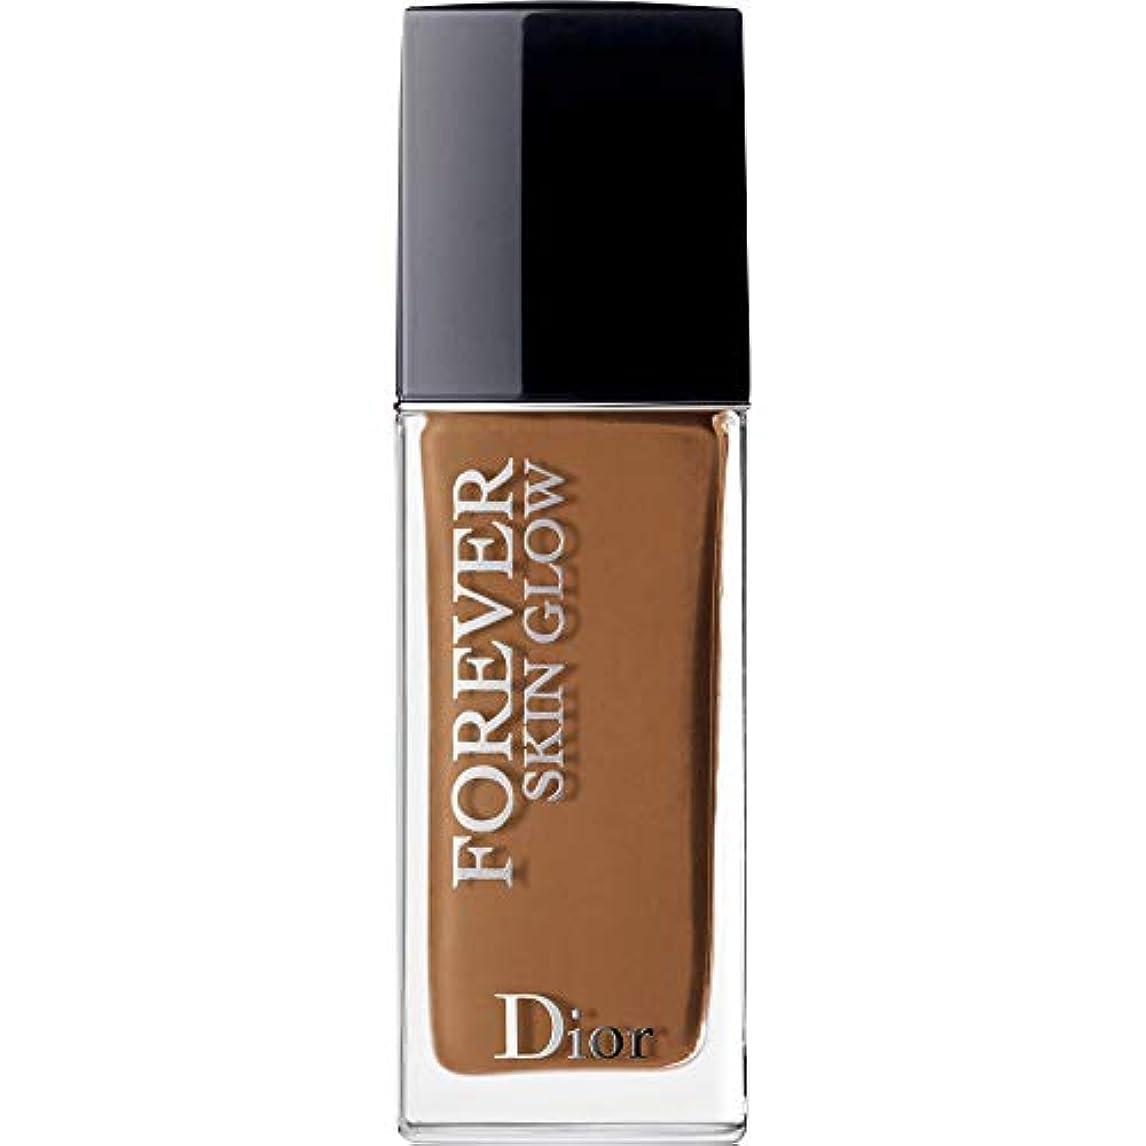 振るう飾り羽メーカー[Dior ] ディオール永遠に皮膚グロー皮膚思いやりの基礎Spf35 30ミリリットルの7N - ニュートラル(肌の輝き) - DIOR Forever Skin Glow Skin-Caring Foundation...